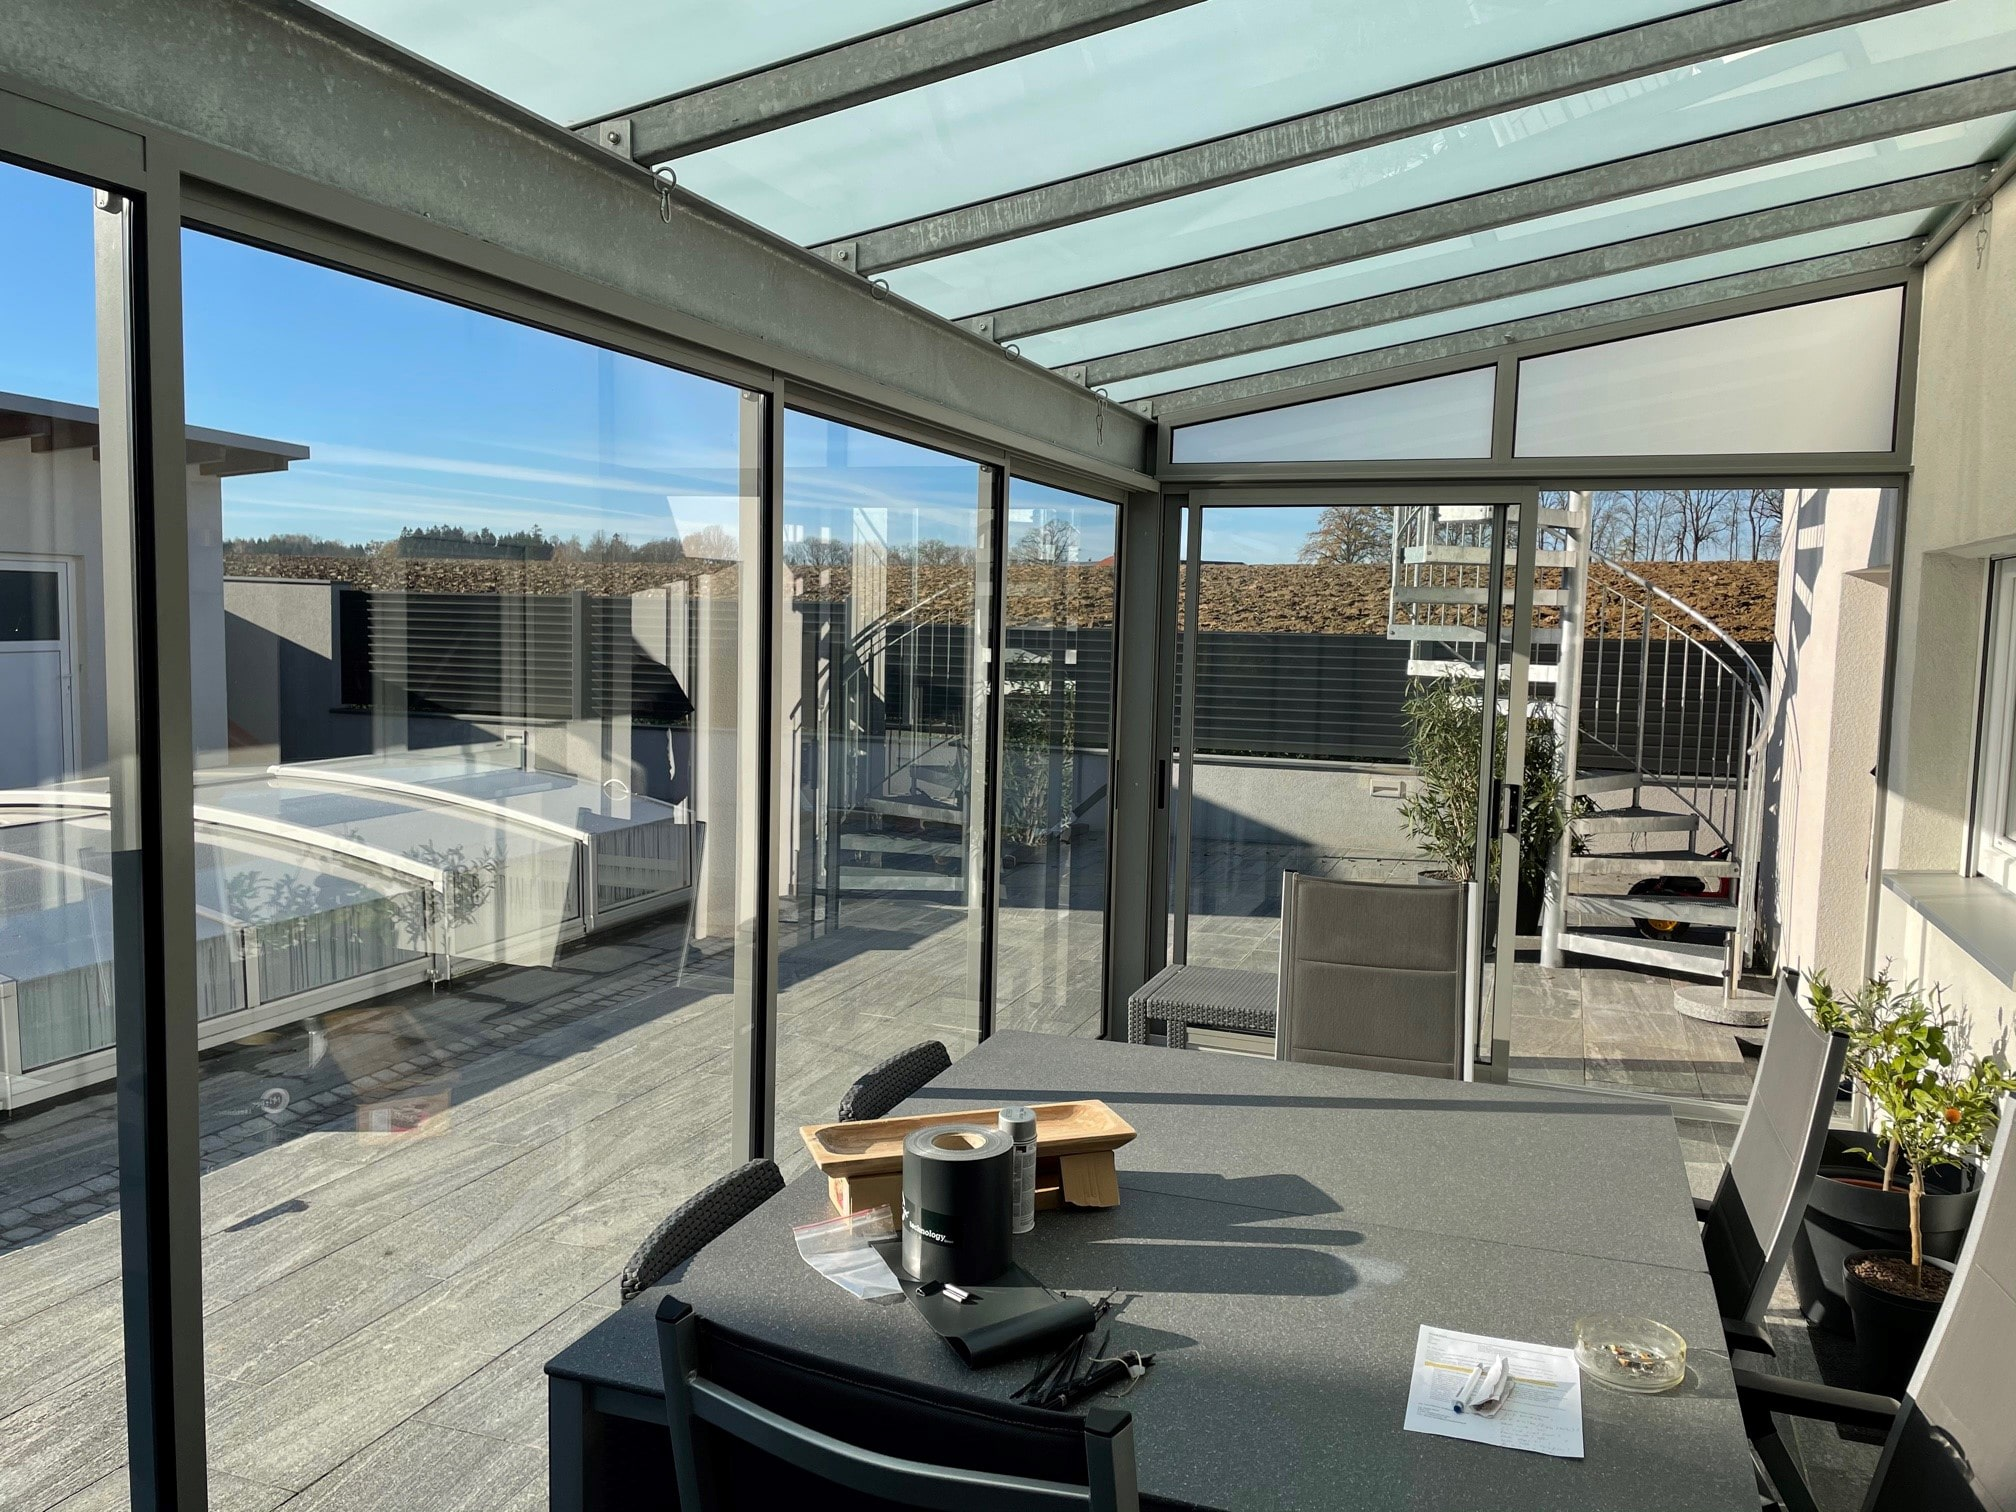 Terrassen Schiebetüren aus Alu